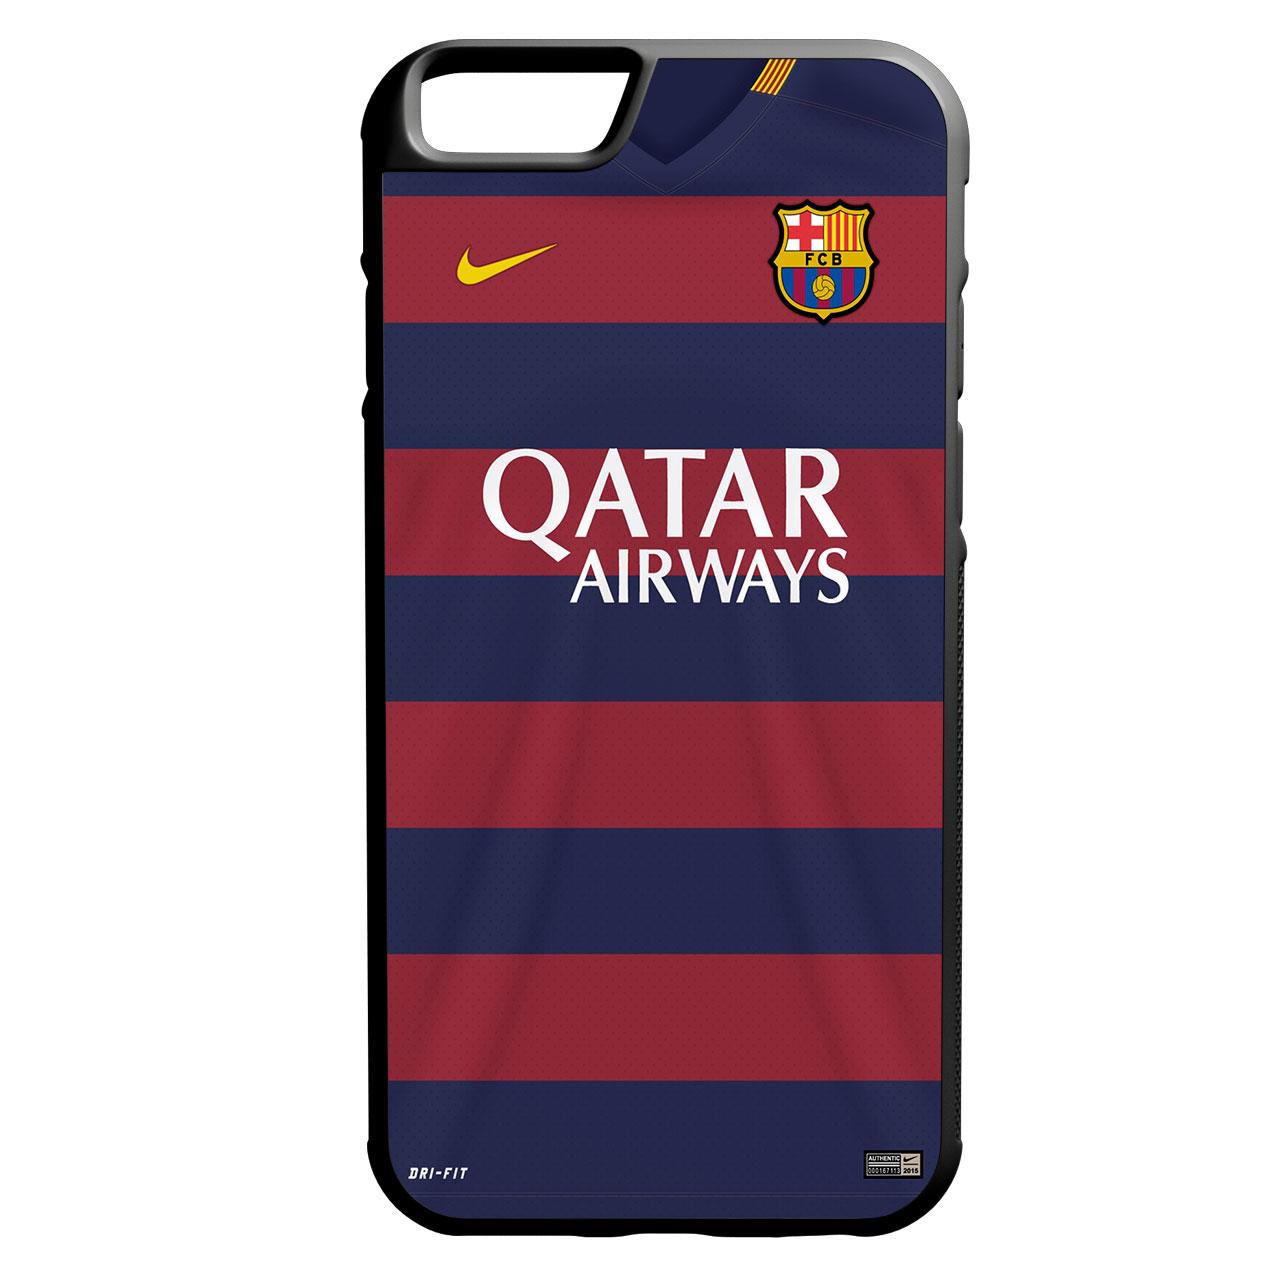 کاور طرح بارسلونا کد 1105409043 مناسب برای گوشی موبایل اپل iphone 7/8